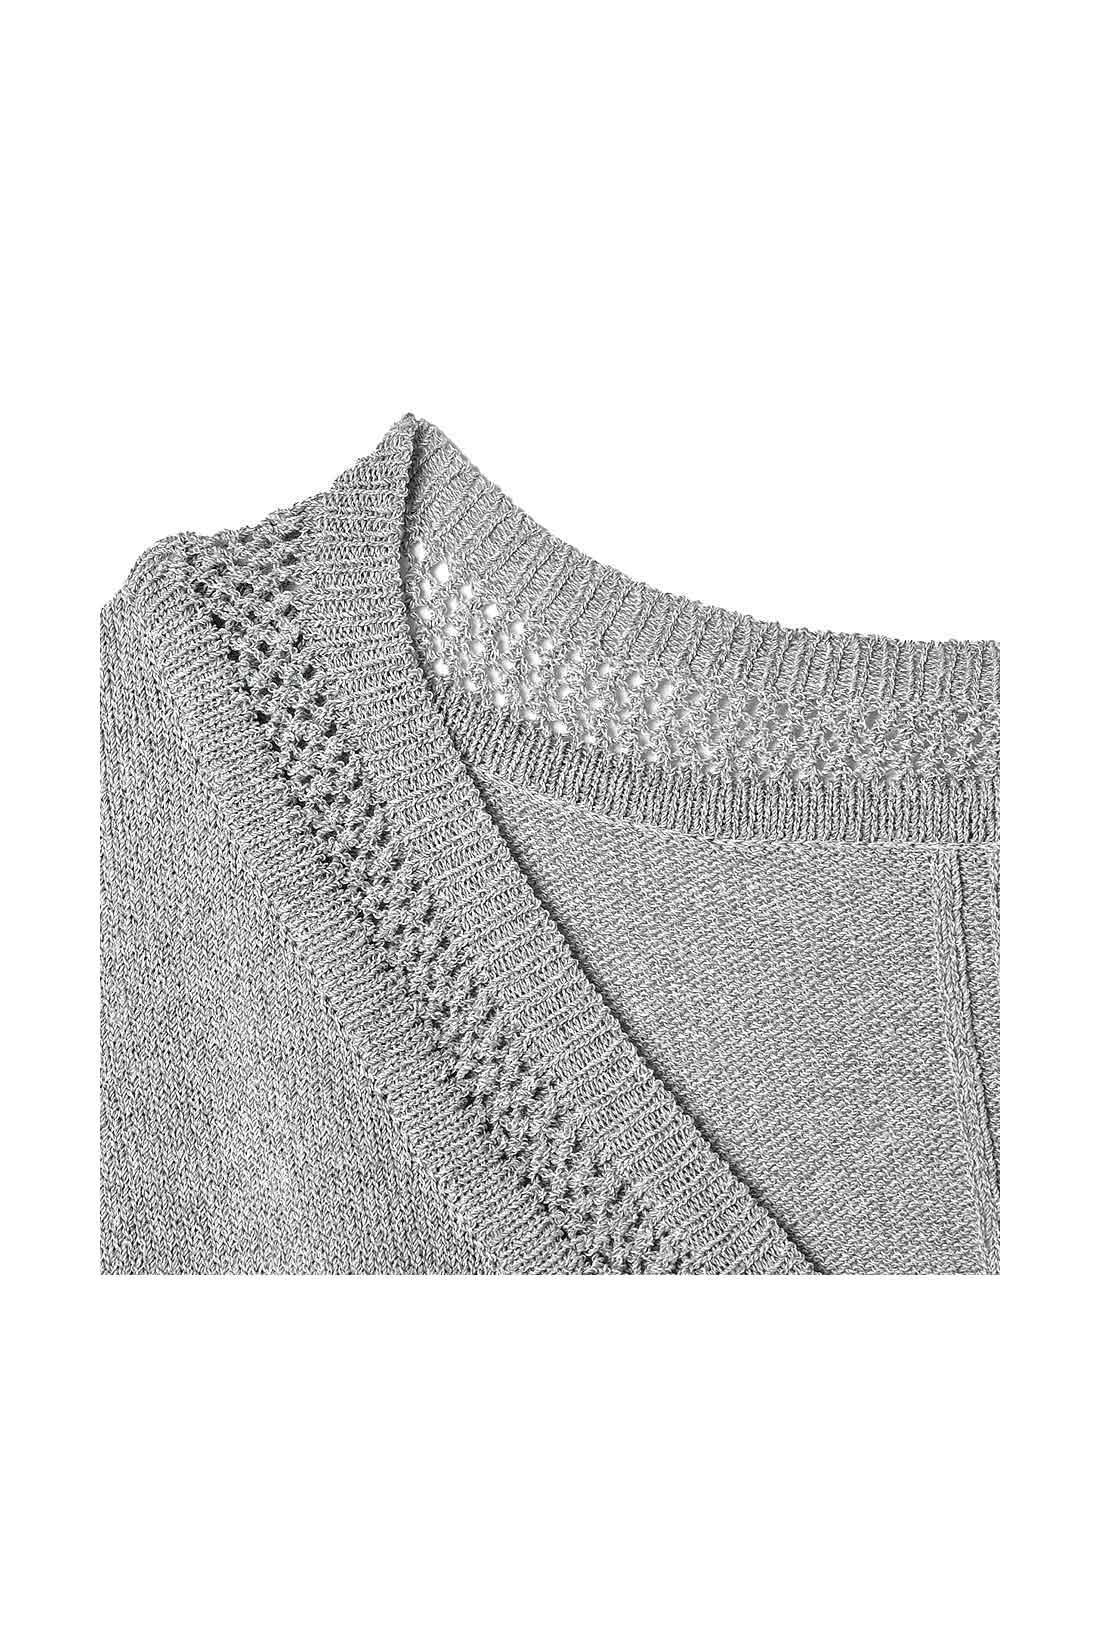 衿ぐりは繊細な透かし編みやVネックなどスッキリ見えするディテール。